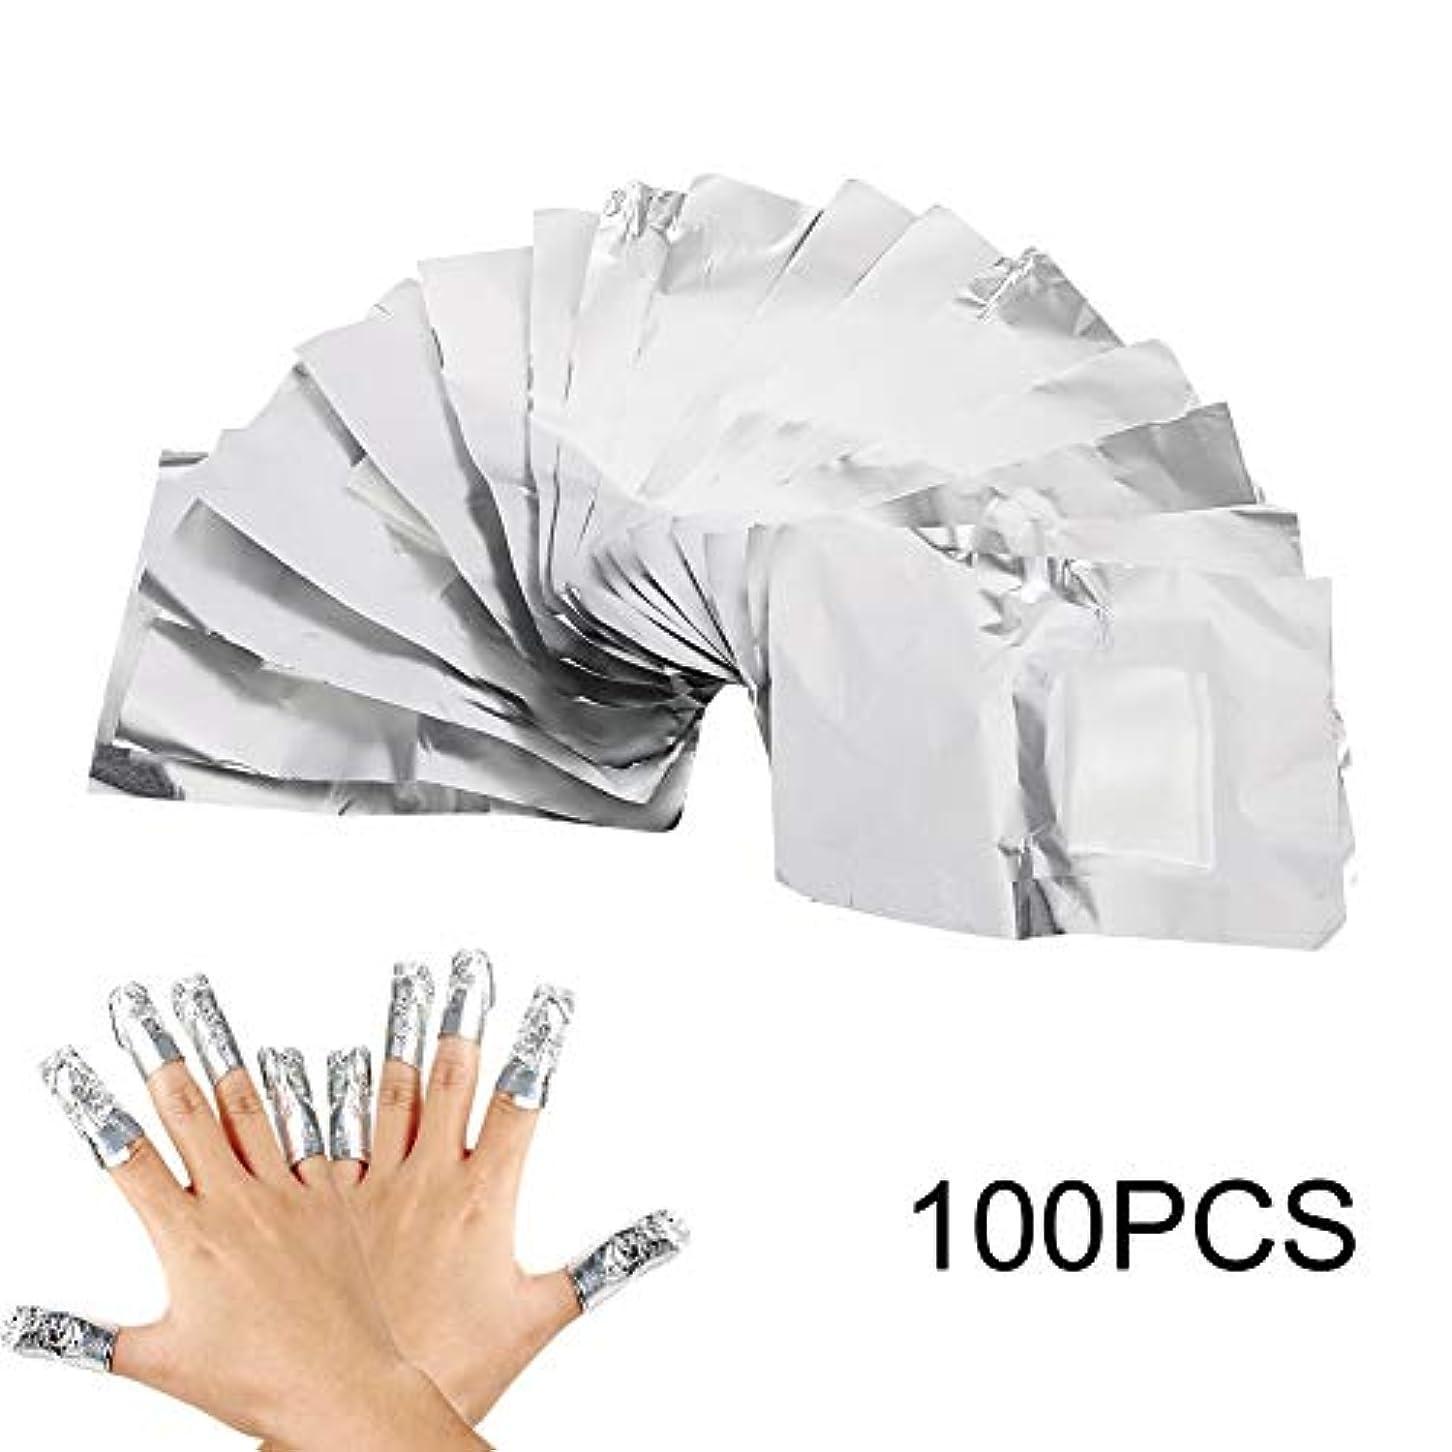 磁気むき出しチャーターネイル除去ホイルラップ 100ピース プロアルミホイルジェルポリッシュ除去ネイルアートリムーバーソークオフジェルラップ